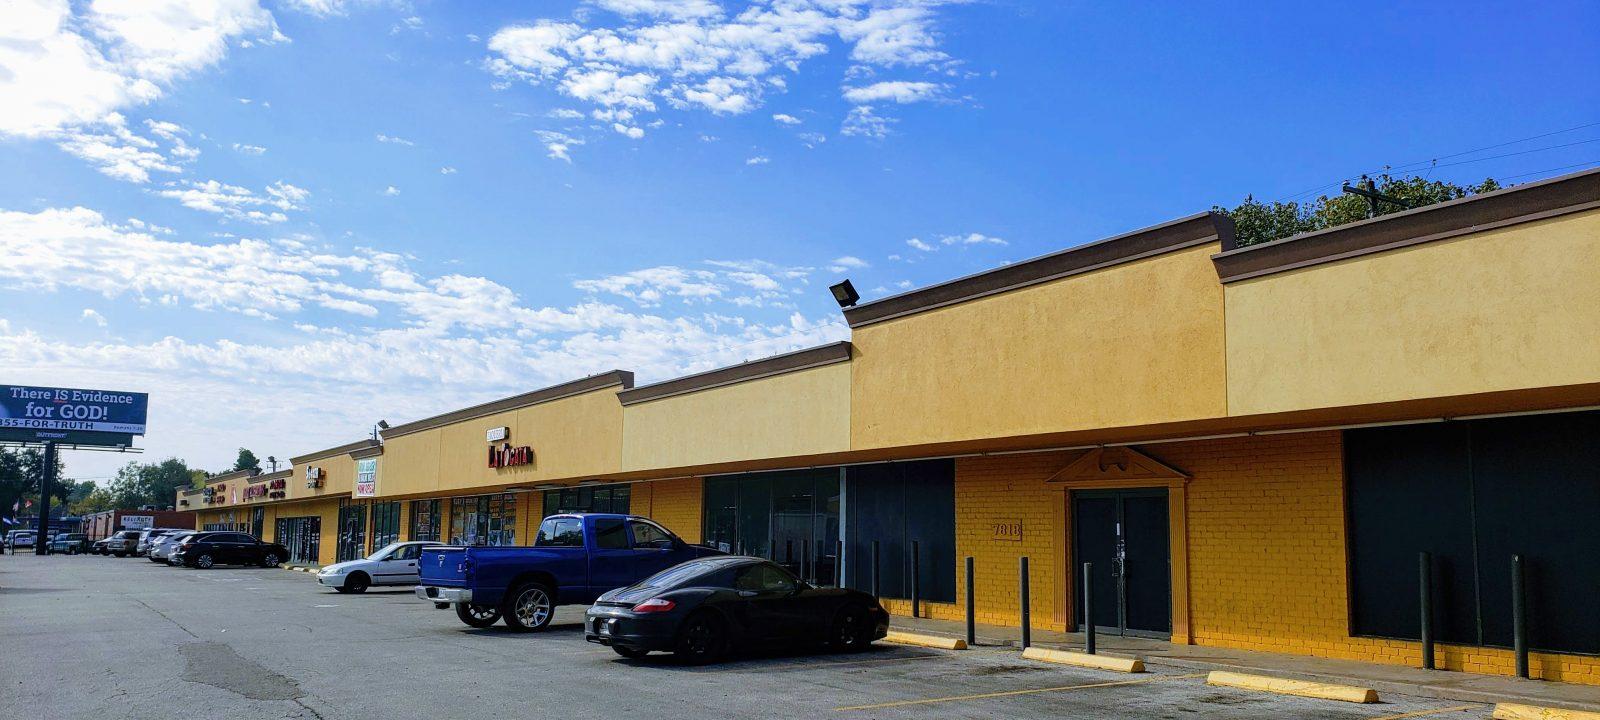 Hillcroft Shopping Center